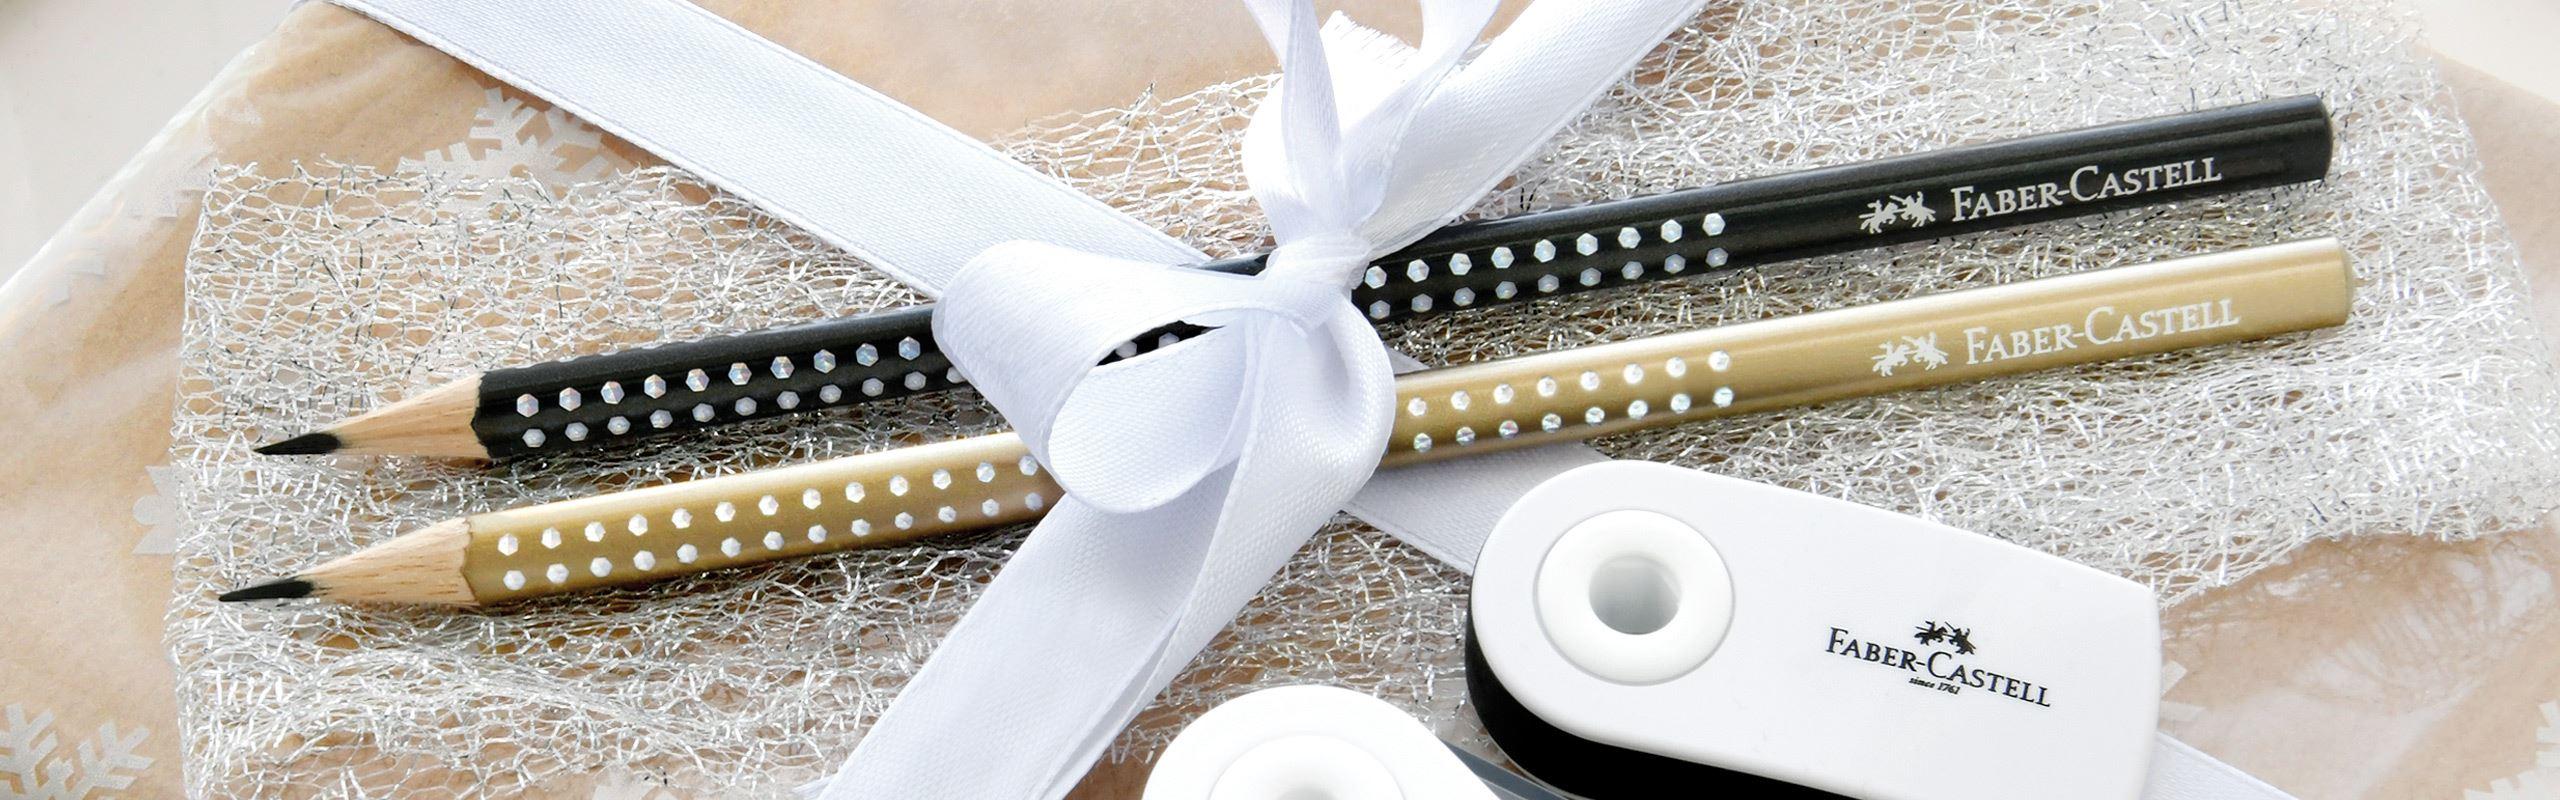 besondere design geschenke f r jung und alt bis 10 und bis 20 von faber castell. Black Bedroom Furniture Sets. Home Design Ideas